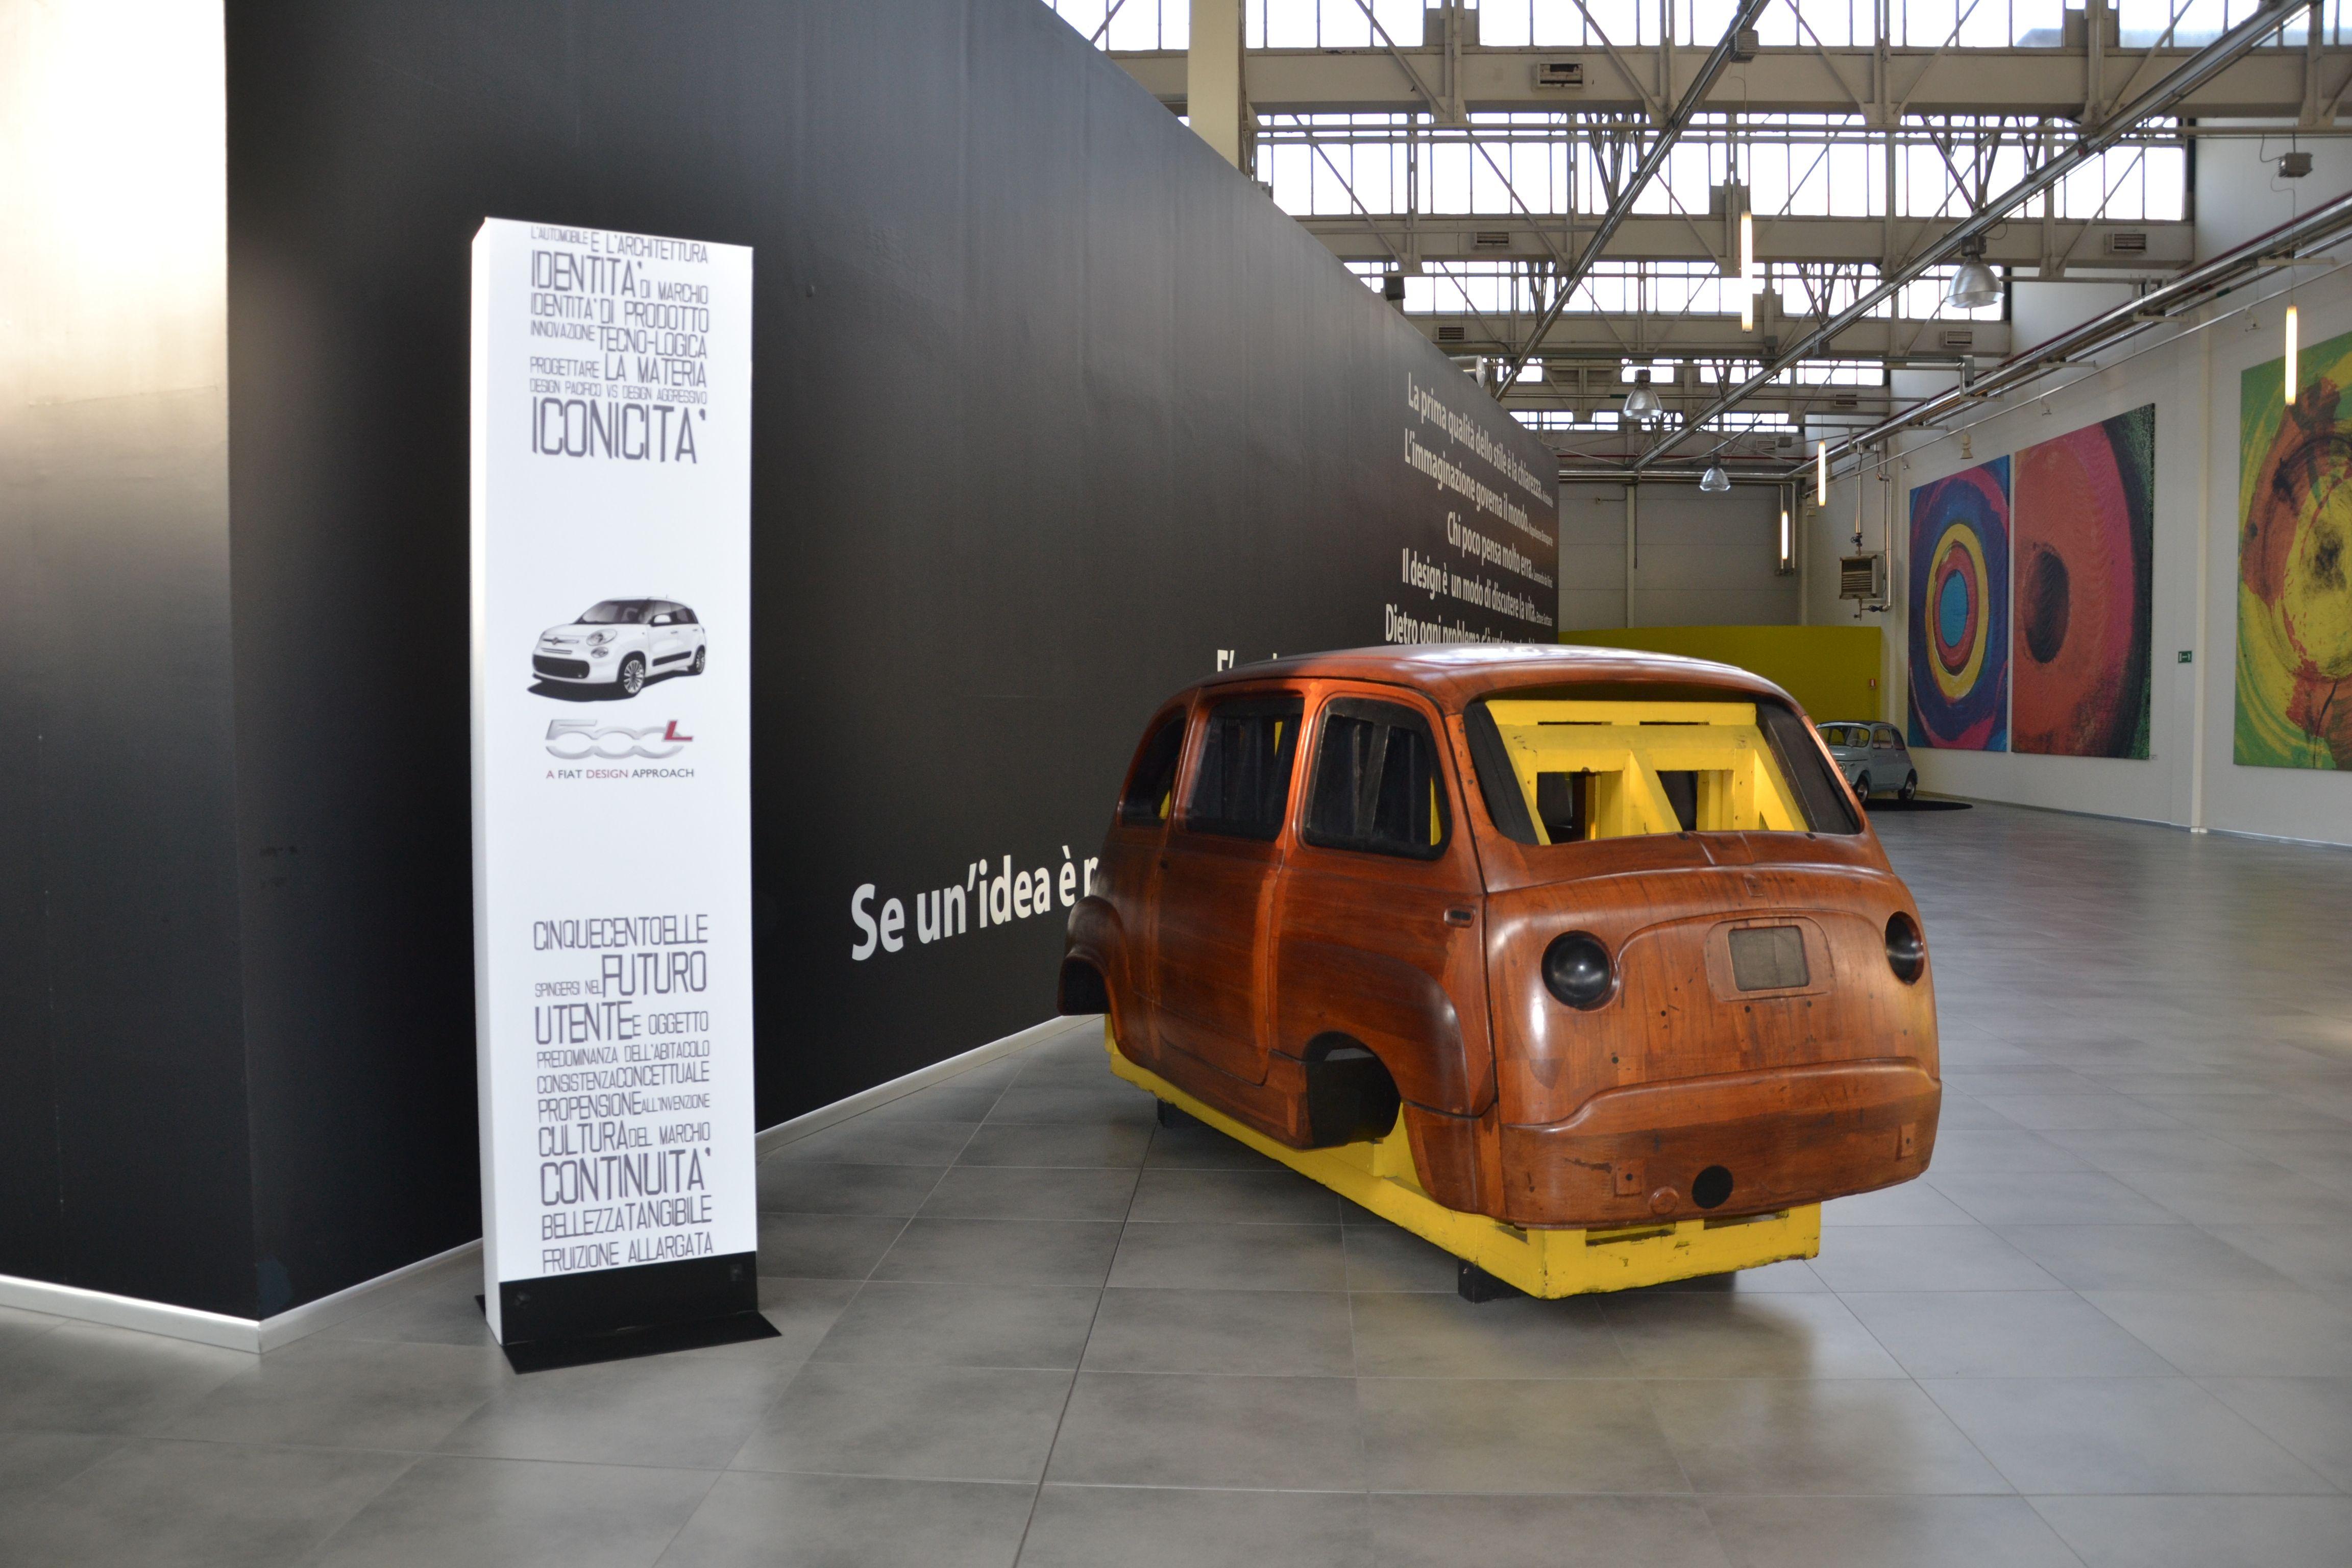 Fiat 500L: spazio, versatilità e tanto altro. I segreti svelati al Centro Stile di Torino